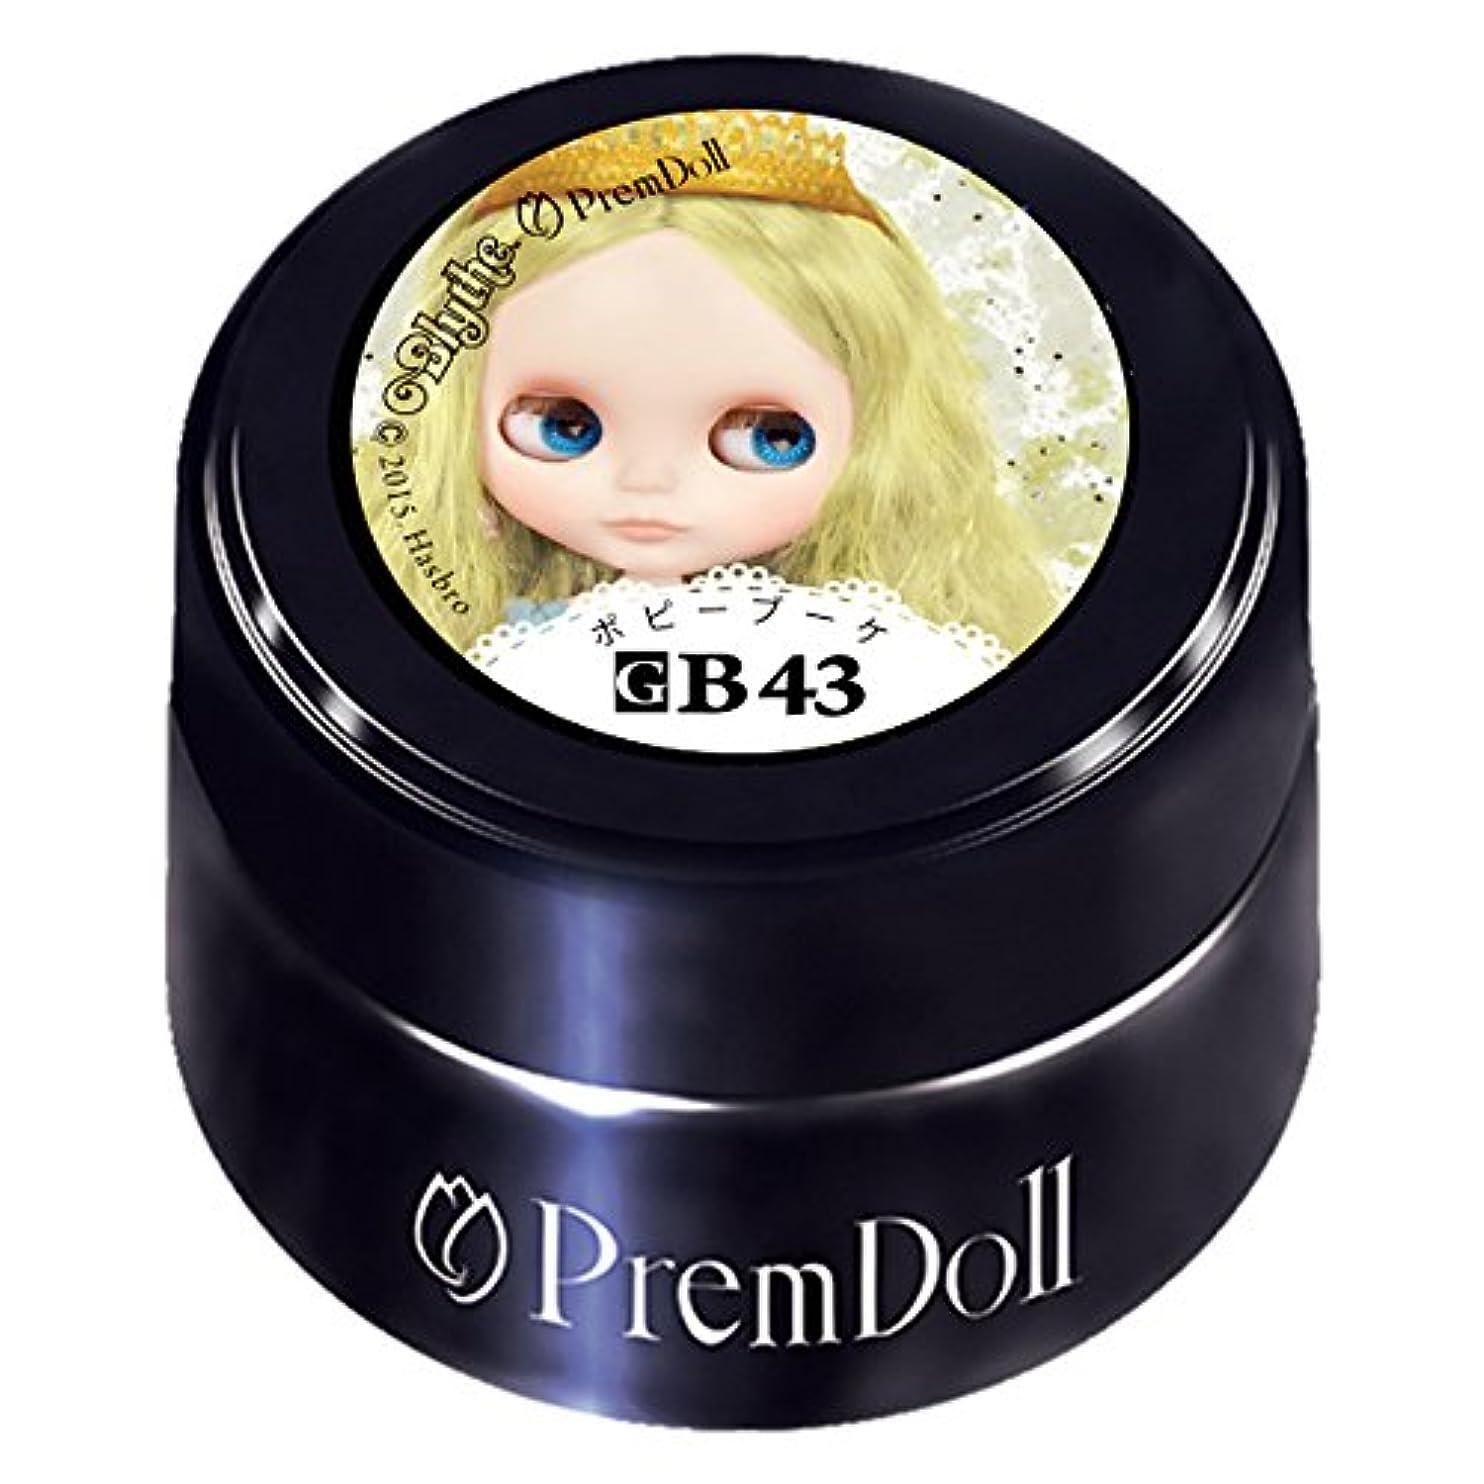 リングレットうがい甘いプリムドール ポピーブーケ 3g DOLL-B43